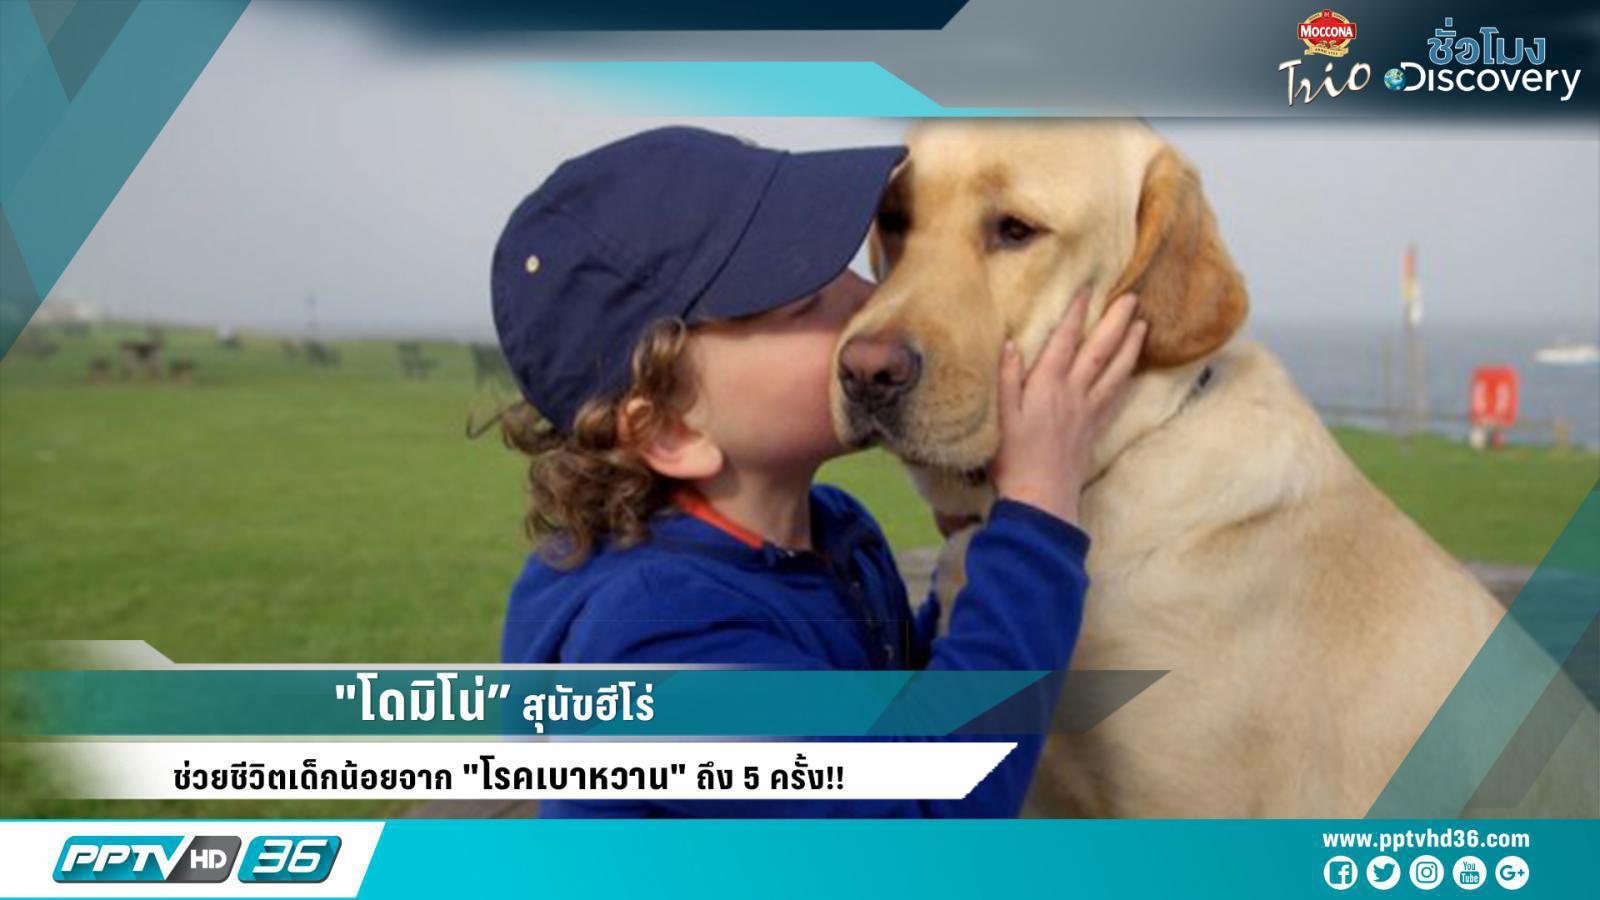 """""""โดมิโน่"""" สุนัขฮีโร่ ที่ช่วยชีวิตเด็กน้อยจาก """"โรคเบาหวาน"""" ถึง 5 ครั้ง!!"""